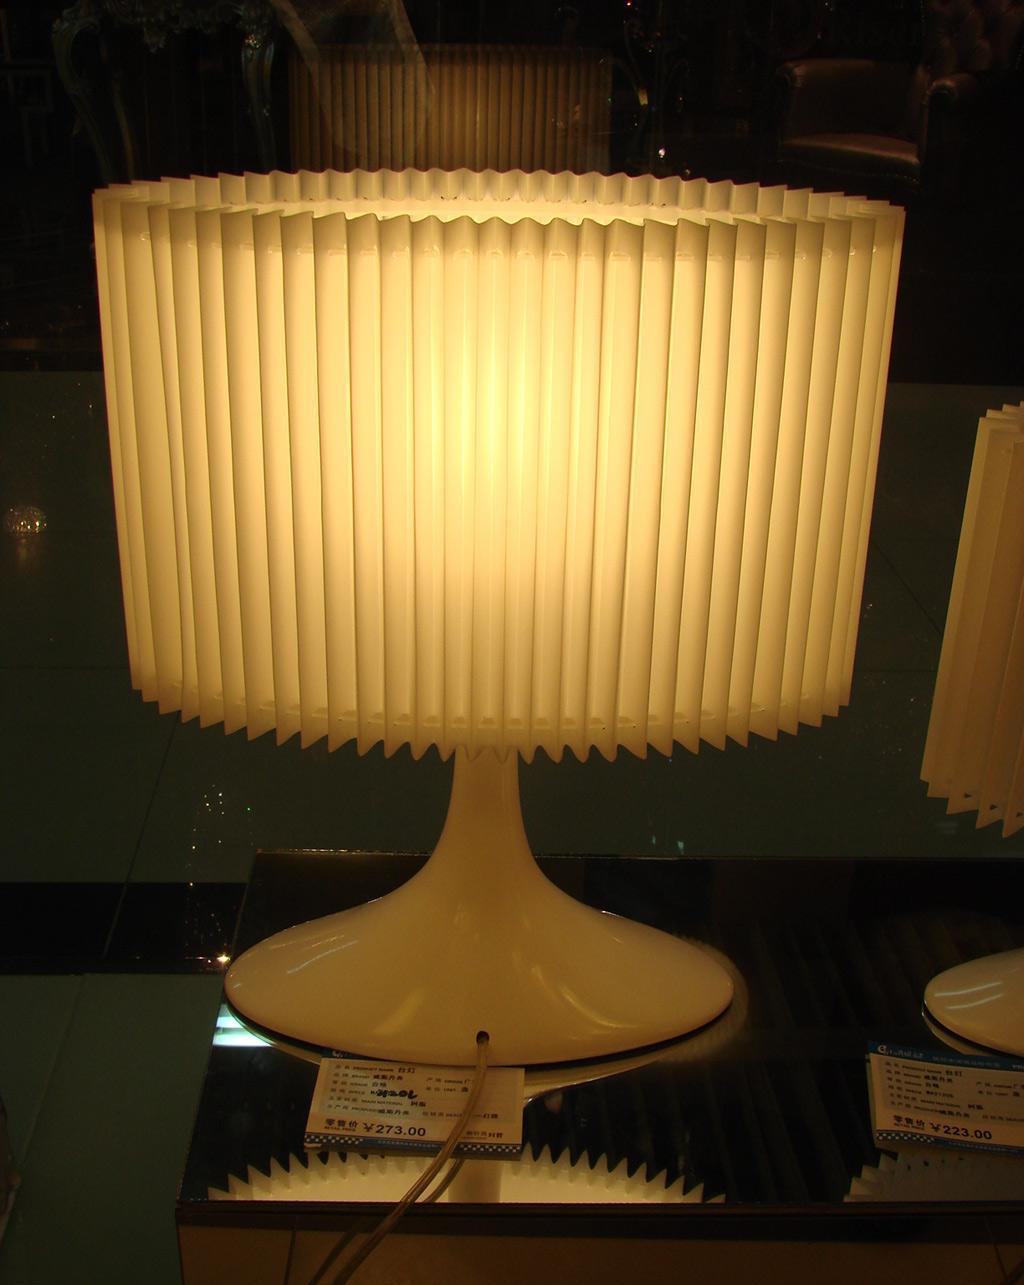 威斯丹弗台灯 ma21201